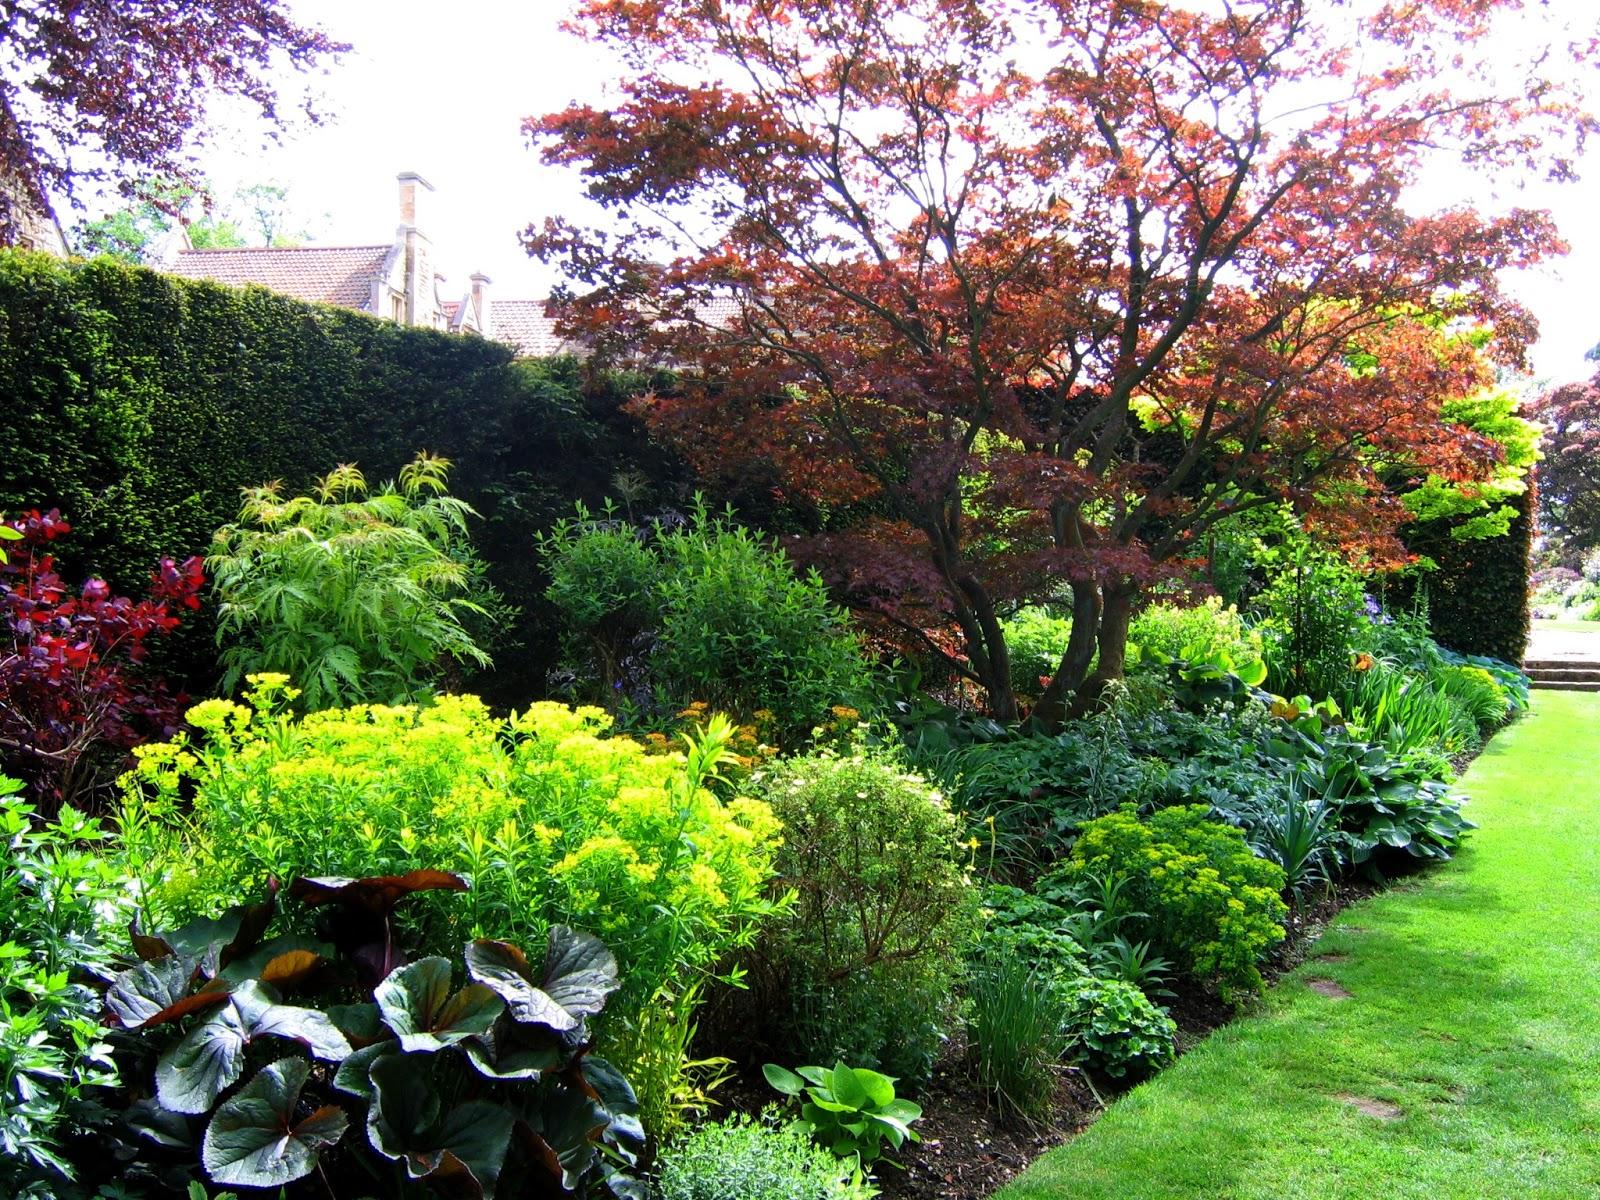 Arte y jardiner a plantas perennes en el dise o de jardines - Plantas perennes exterior ...